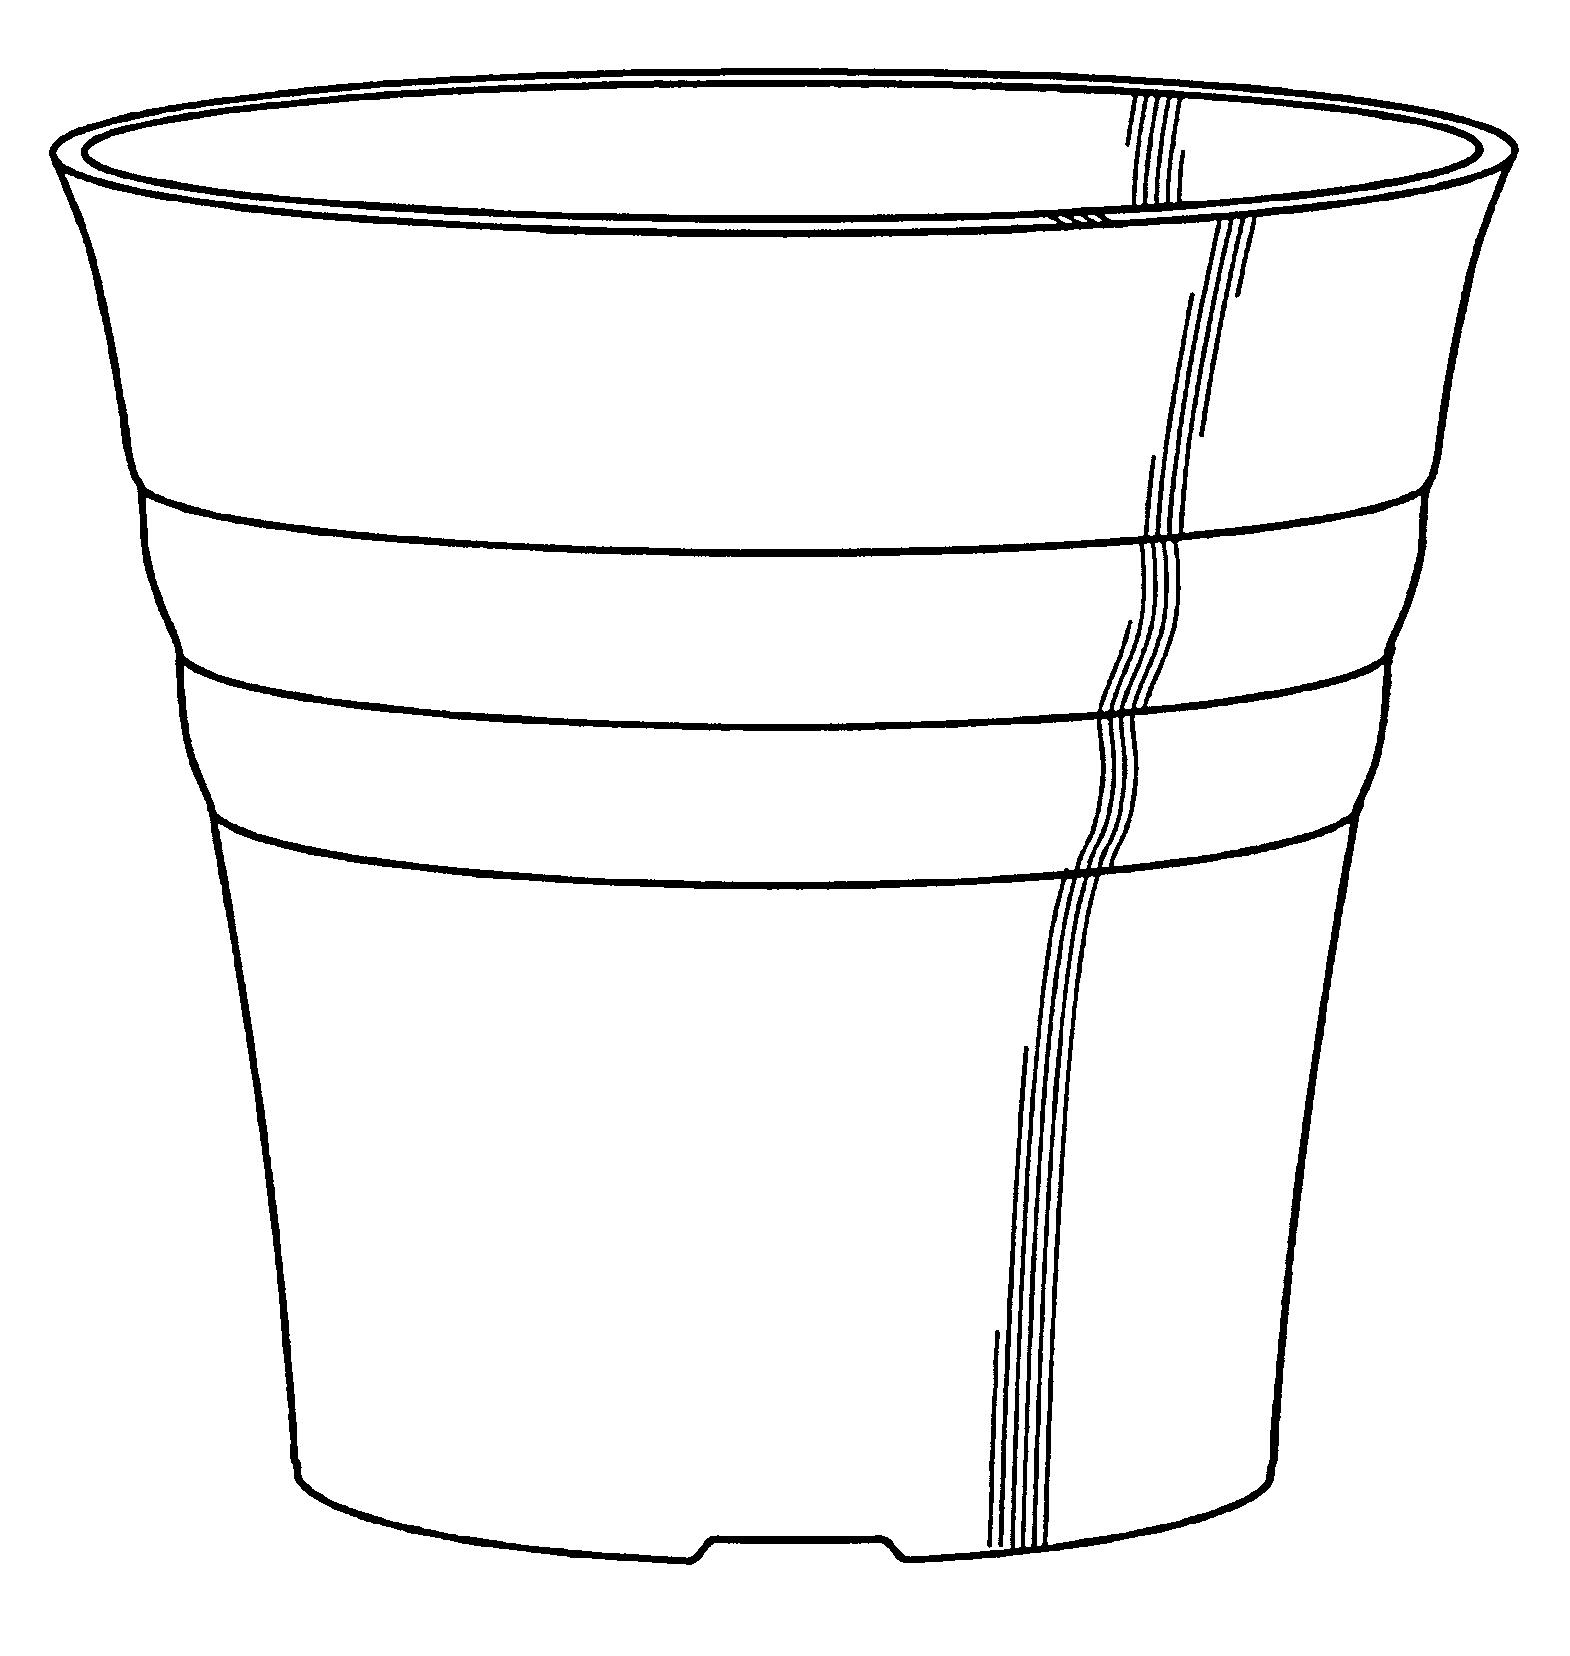 杯 杯子 简笔画 手绘 线稿 1570_1656